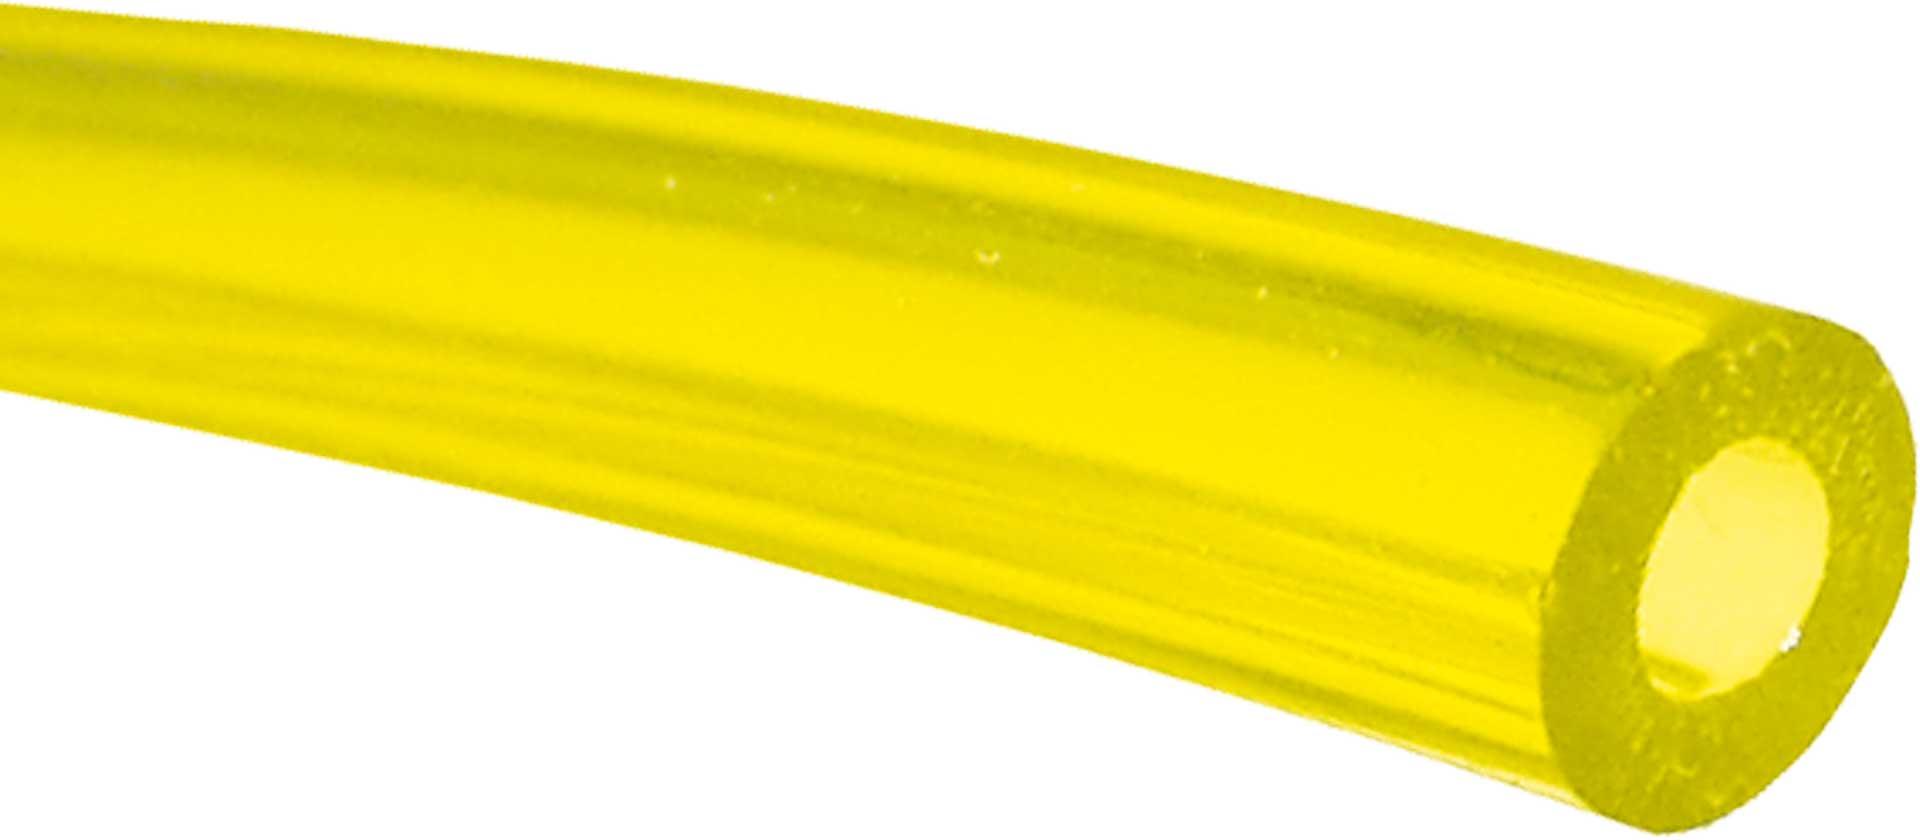 Robbe Modellsport TYGON © Benzinschlauch 3,2/6,4mm 2 Meter